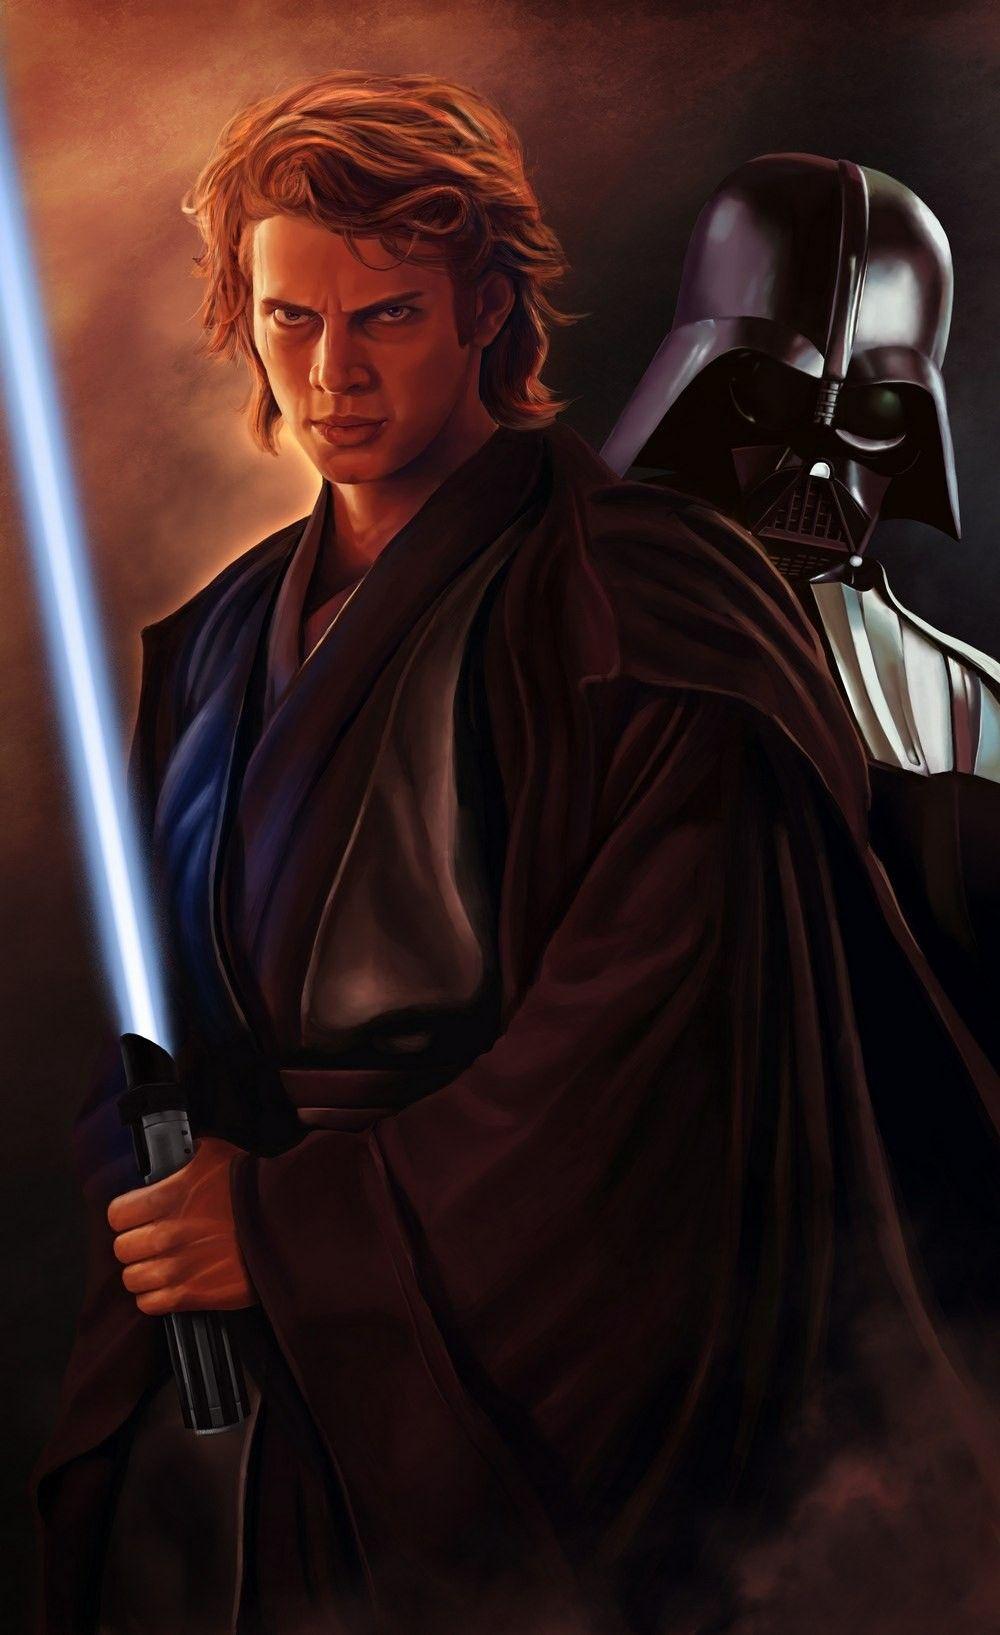 Anakin Vader Star Wars Images Star Wars Pictures Star Wars Anakin